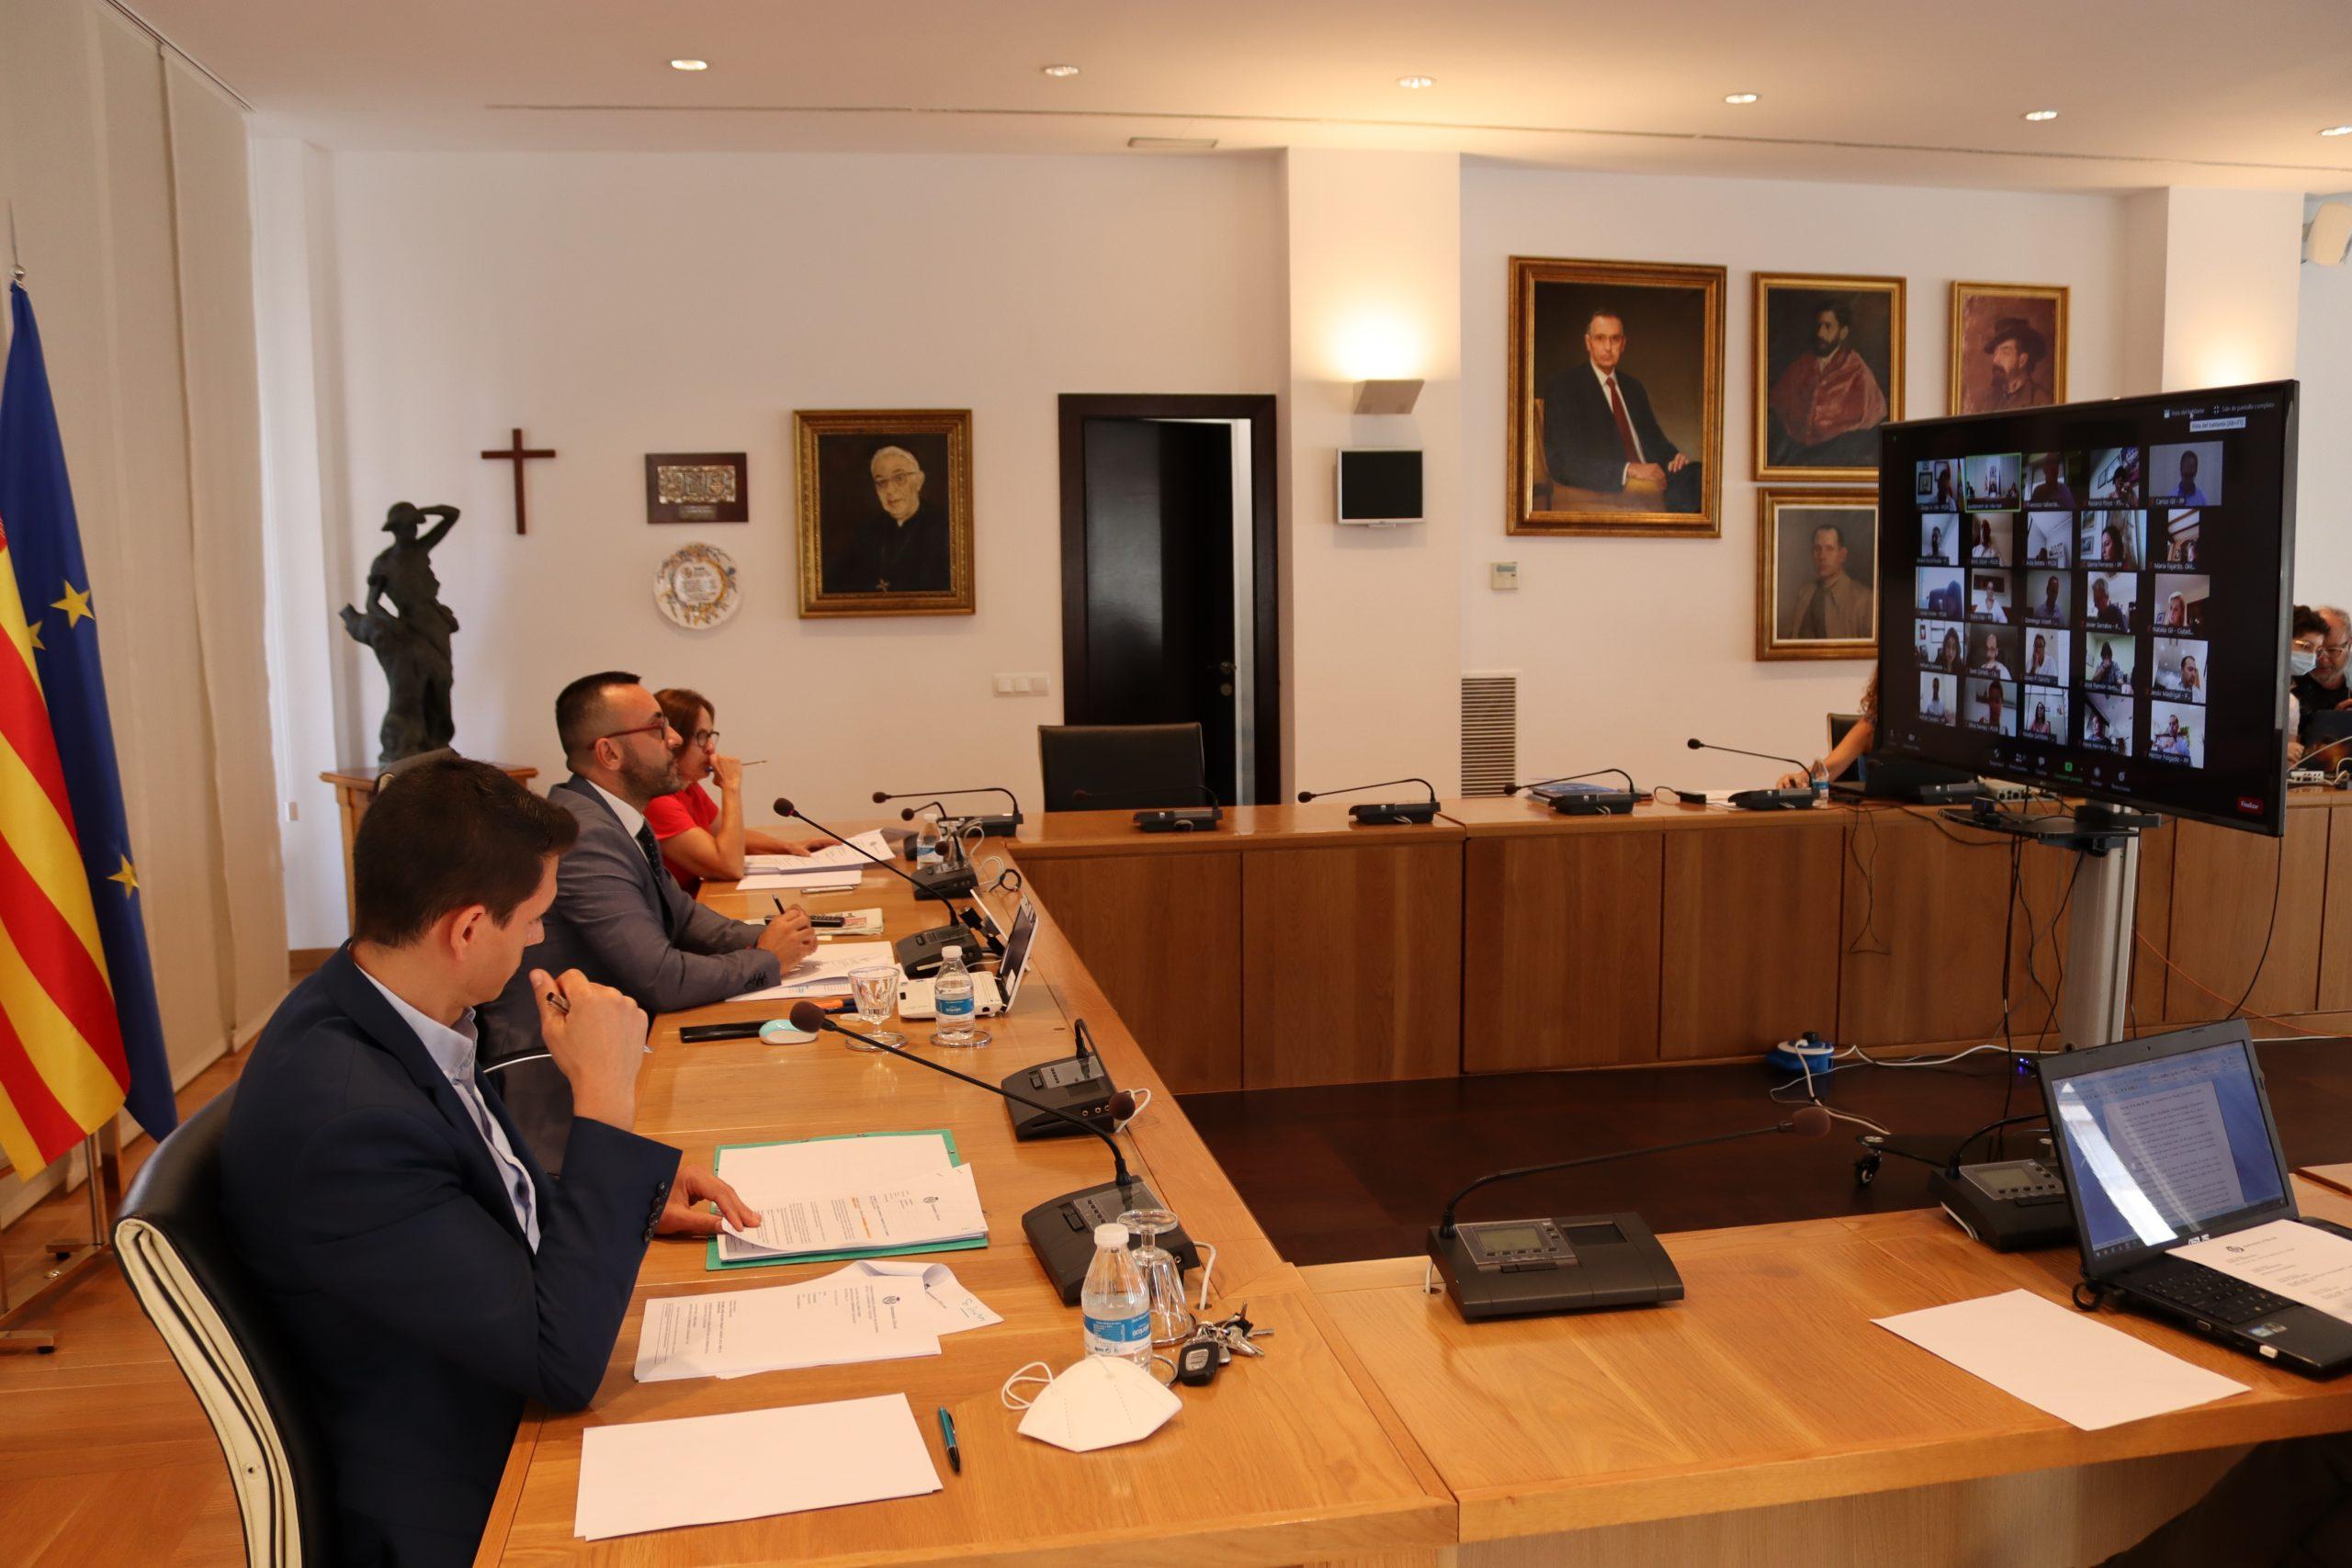 El Pleno aprueba la incorporación de 837.000 euros de remanentes y el pago de 516.000 euros por pleitos urbanísticos